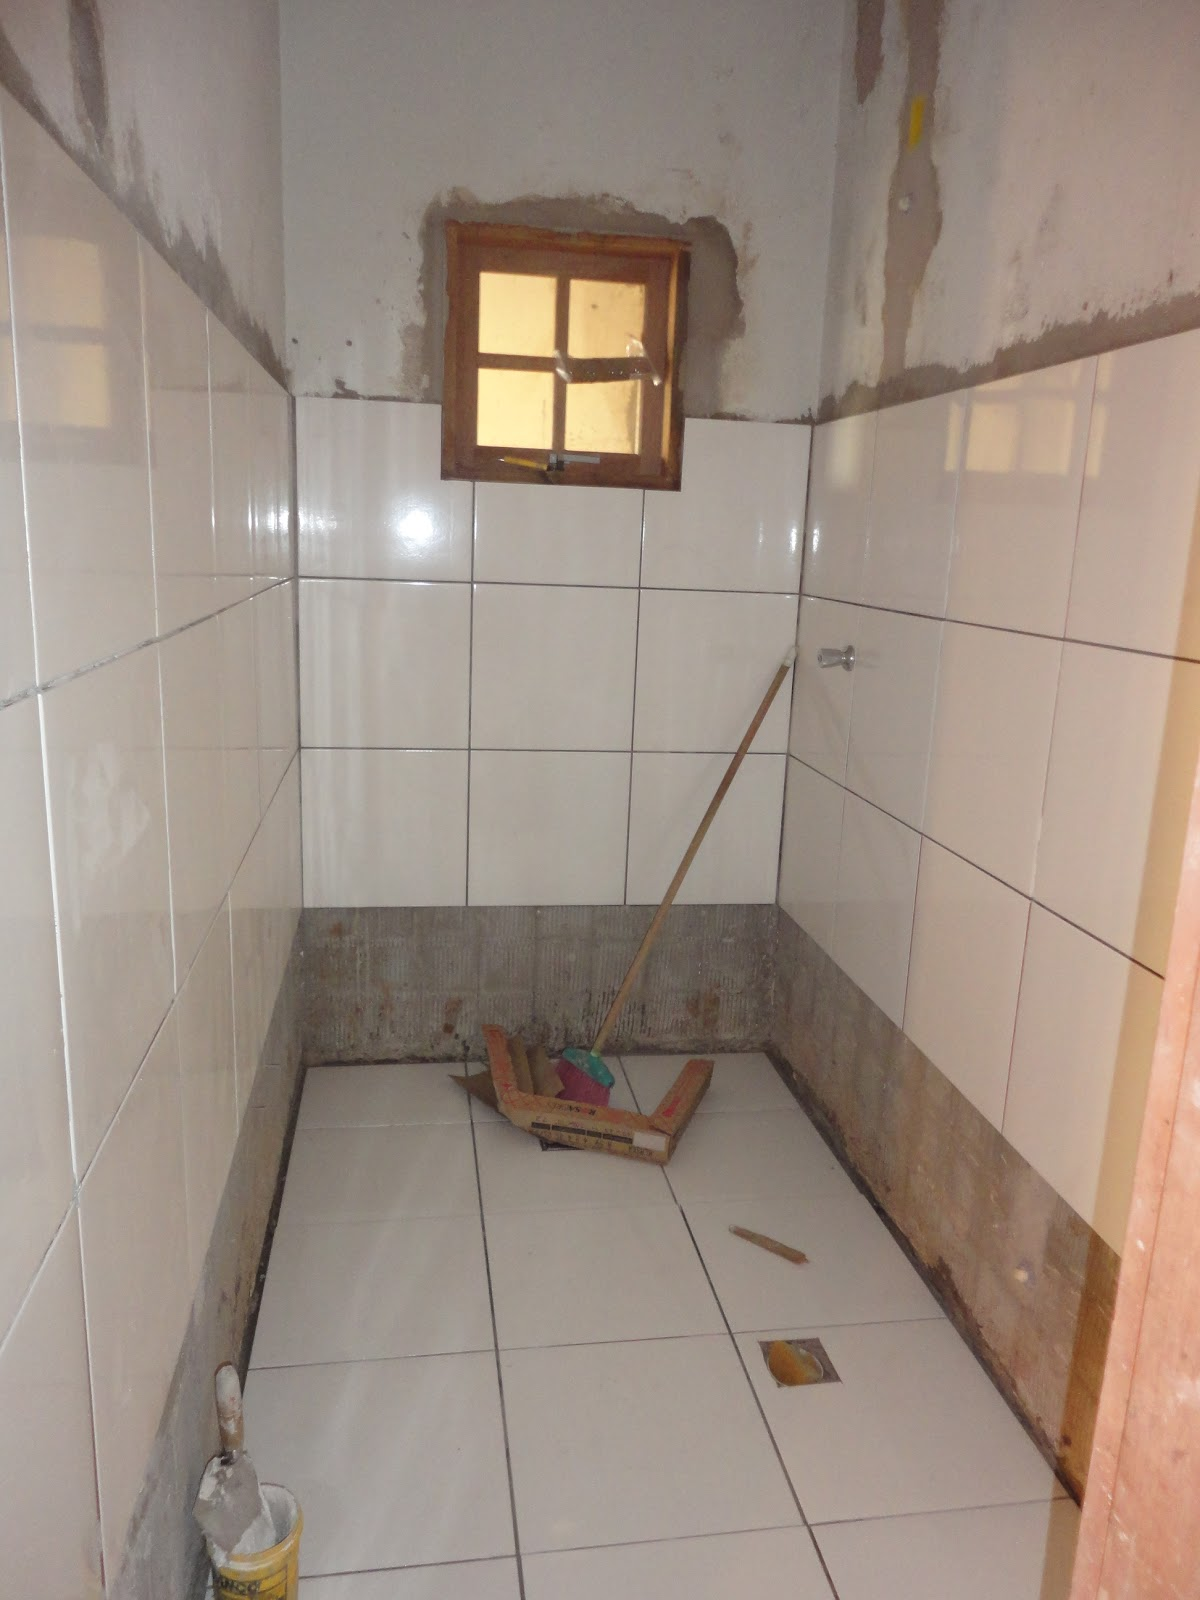 #8B6440  . Já com o piso branquinho. Essa janela sai na area de luz 1200x1600 px janela banheiro branca